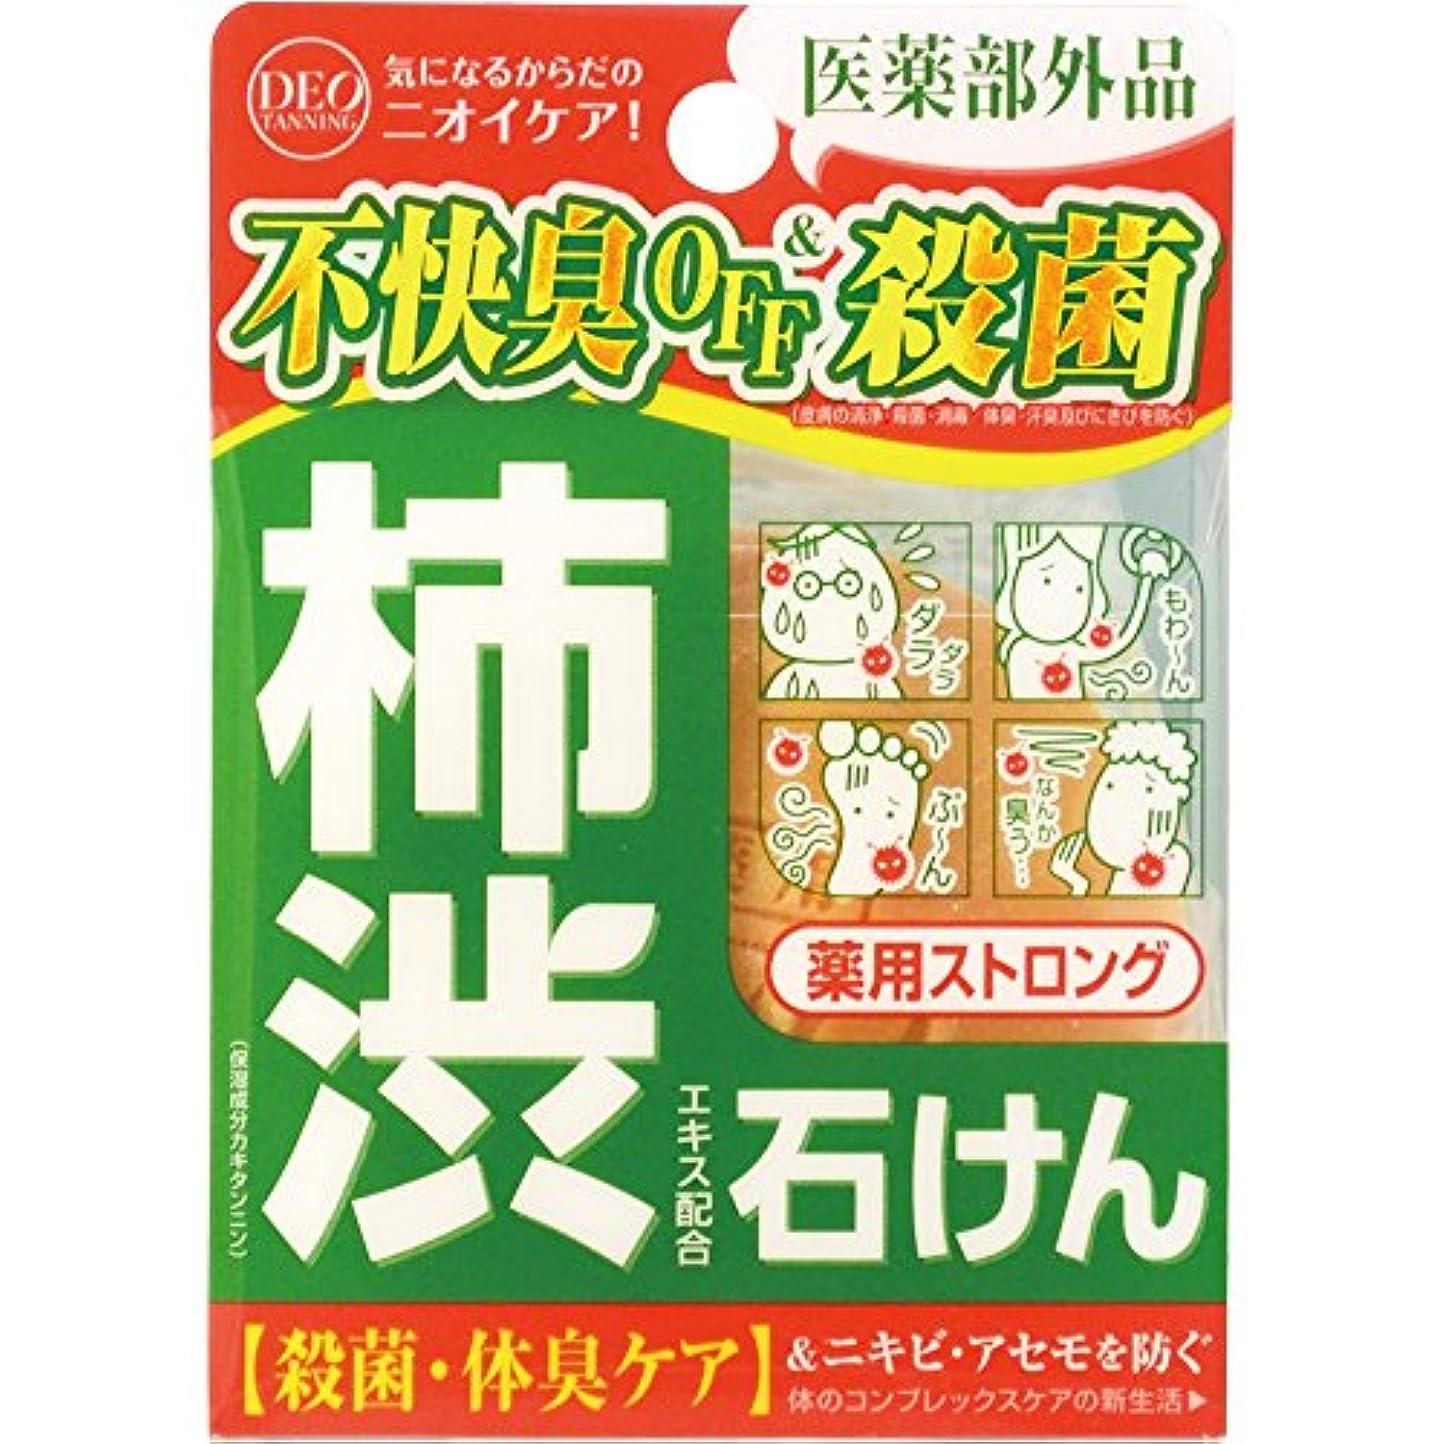 符号農夫ディスカウントデオタンニング 薬用ストロング ソープ 100g (医薬部外品)